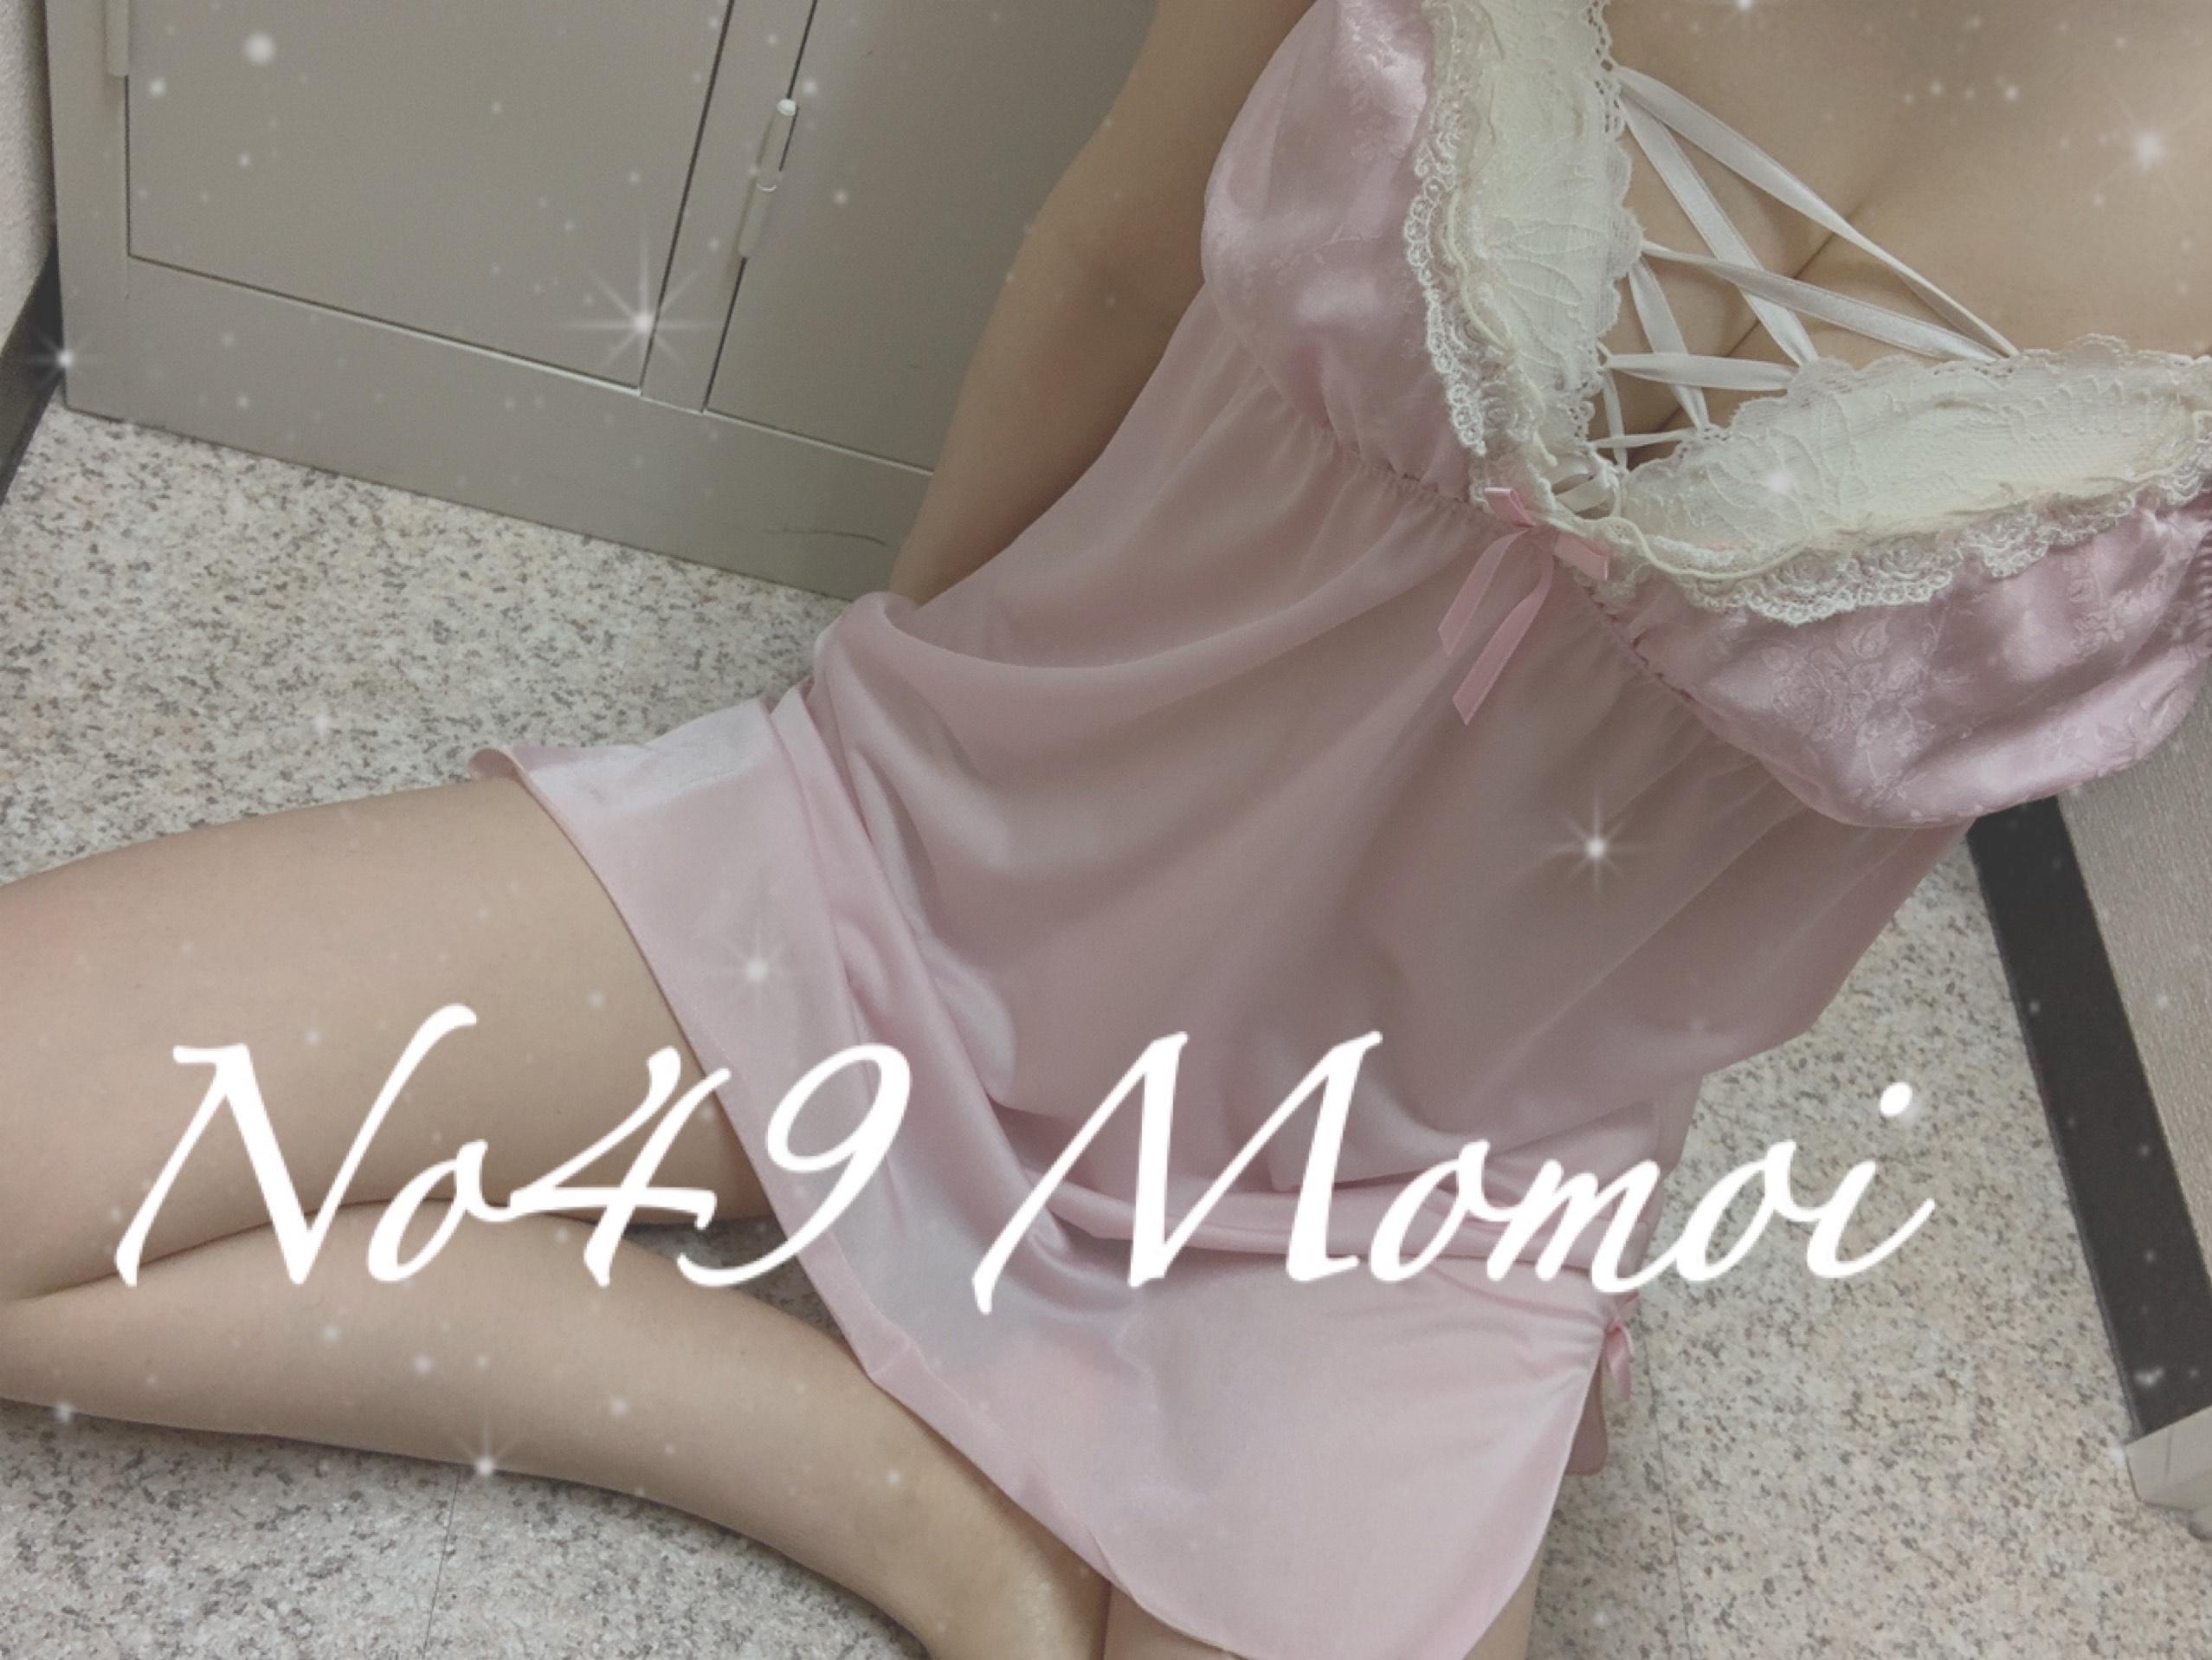 「♡ベビードール♡」05/05(05/05) 09:27 | No.49 桃井の写メ・風俗動画